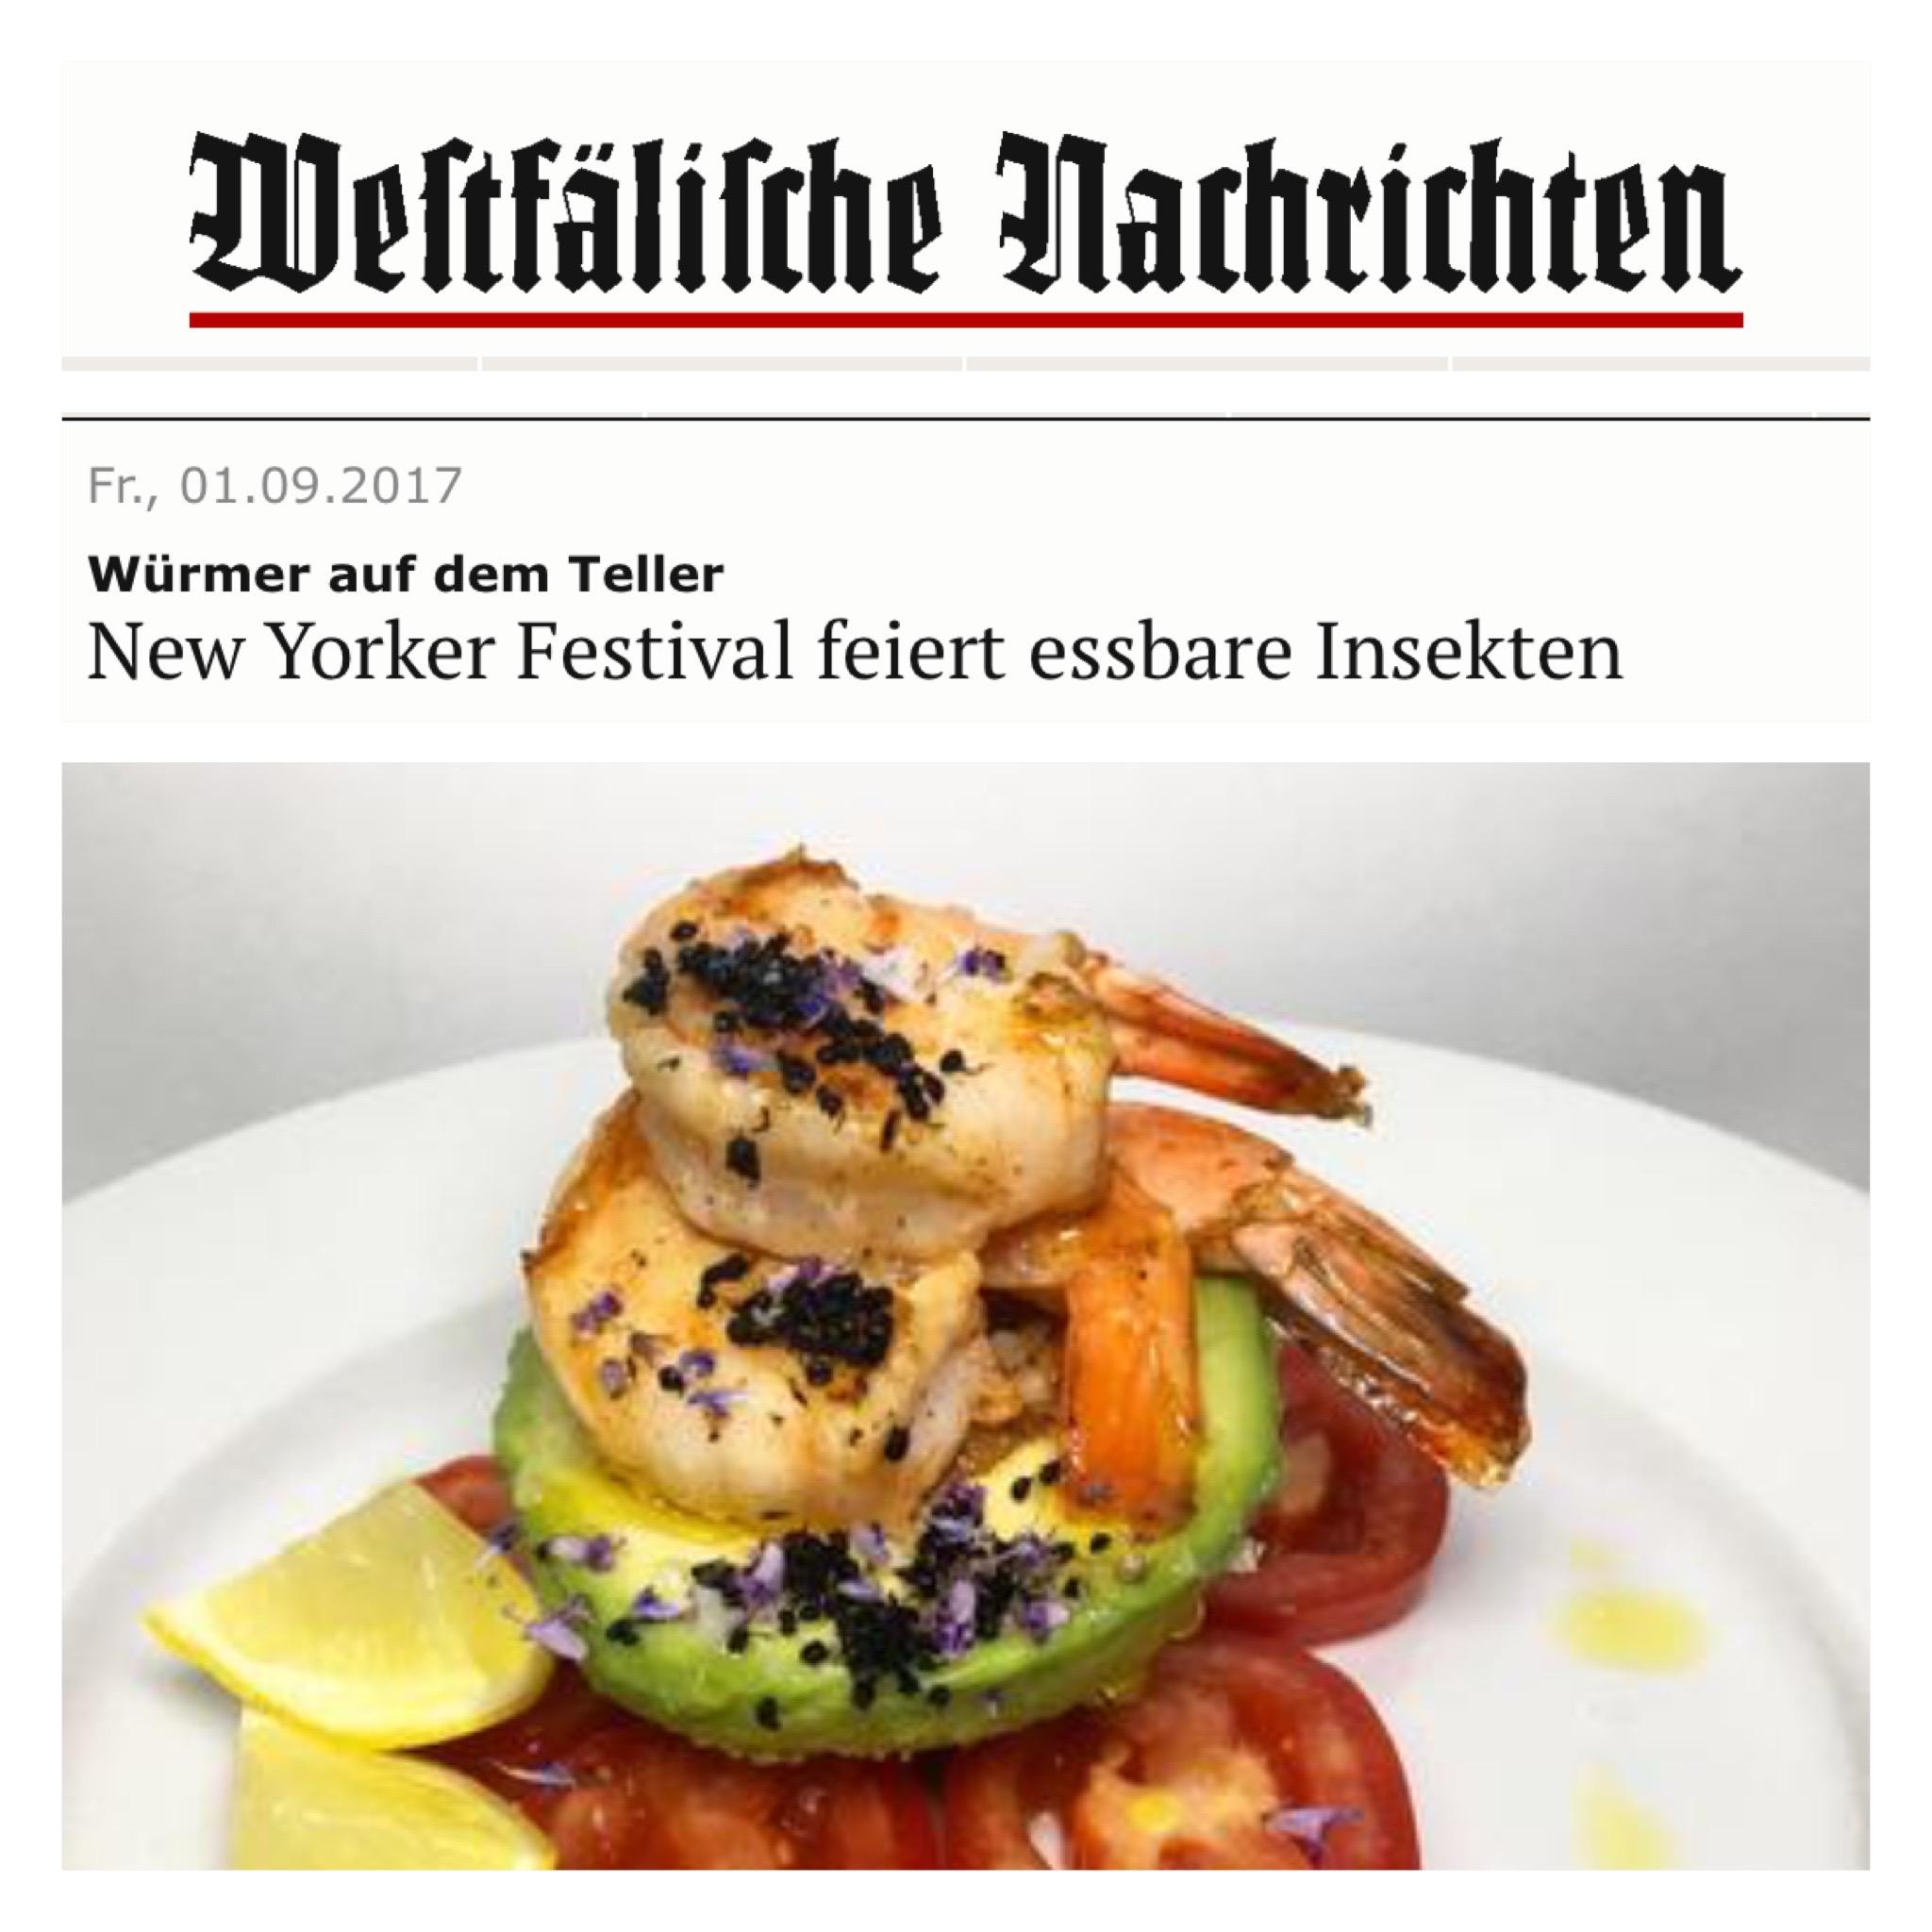 https://www.wn.de/Welt/Kultur/2964209-Wuermer-auf-dem-Teller-New-Yorker-Festival-feiert-essbare-Insekten